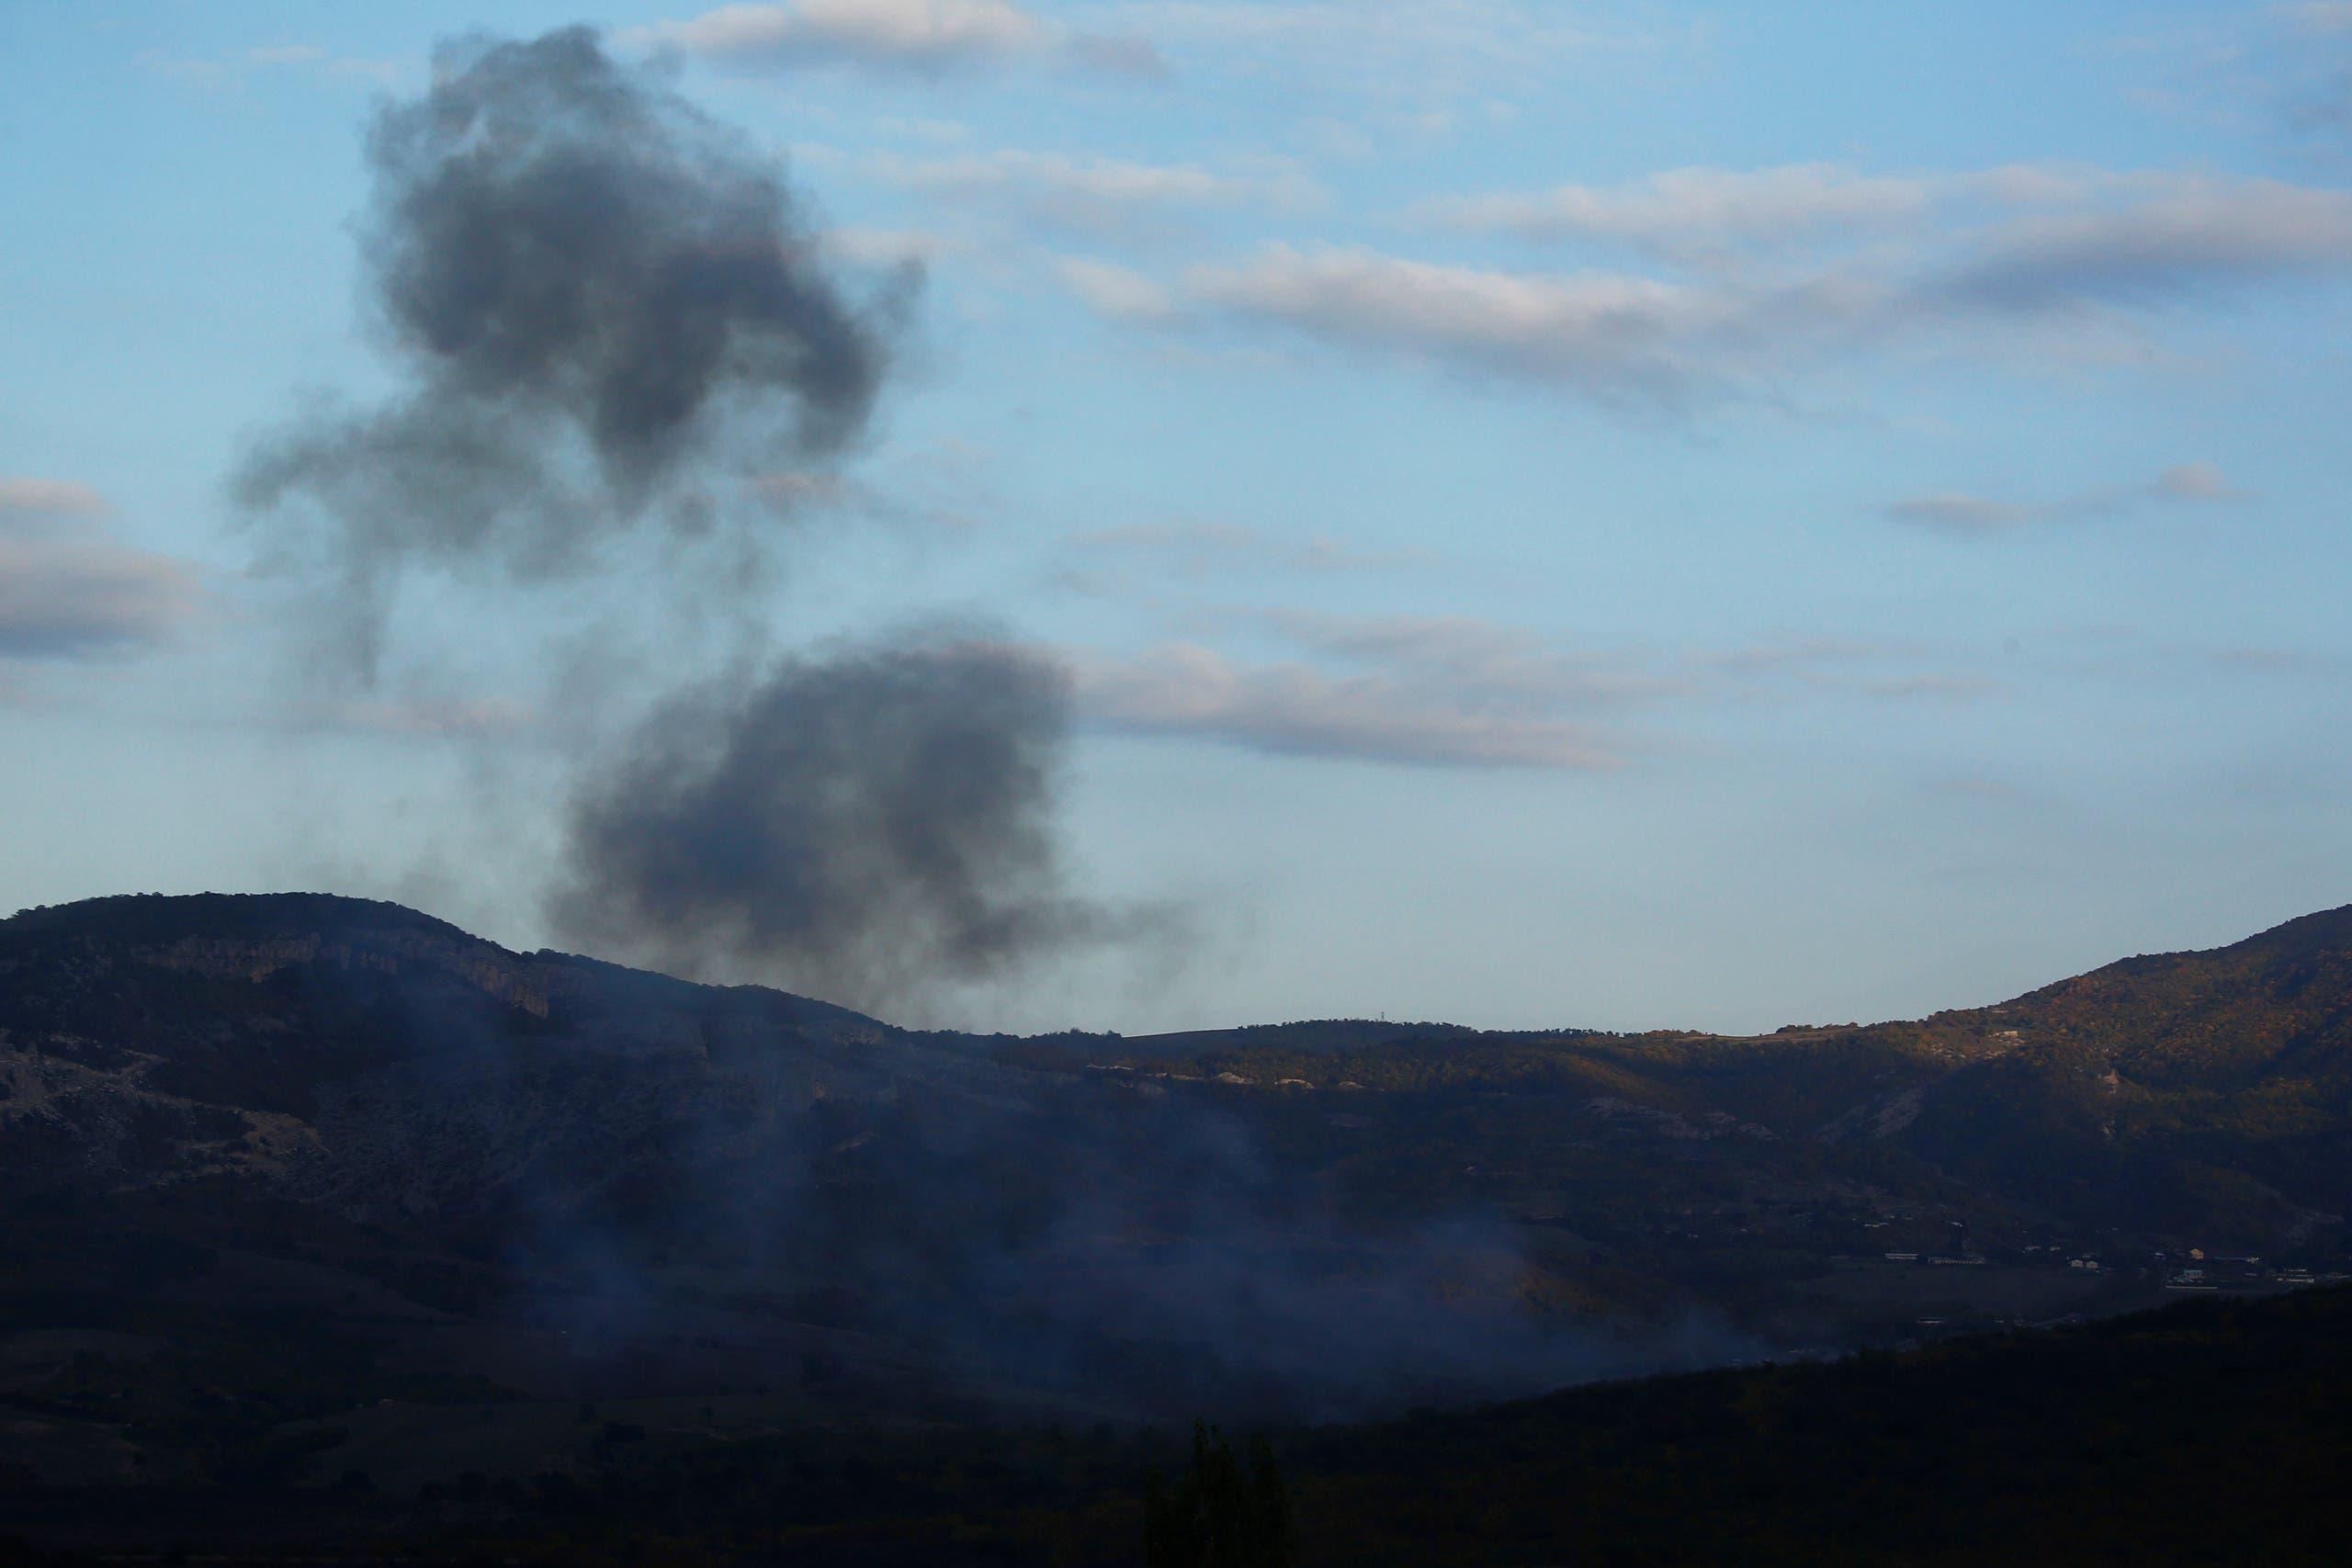 دخان المعارك يعلو سماء كاراباخ